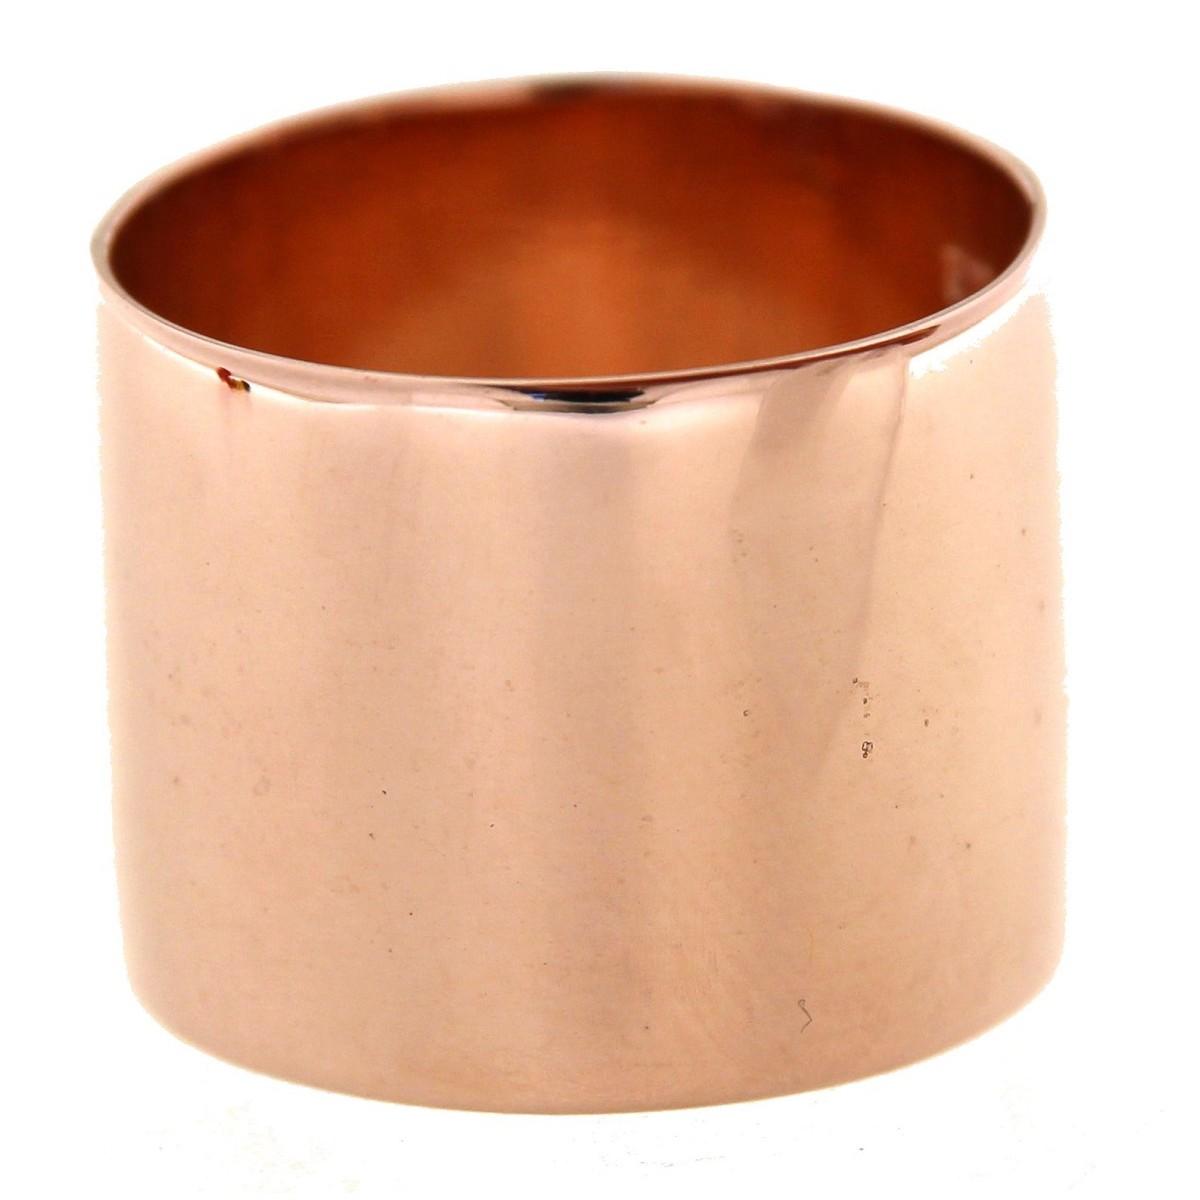 Γυναικεια Κοσμηματα Ασημένιο Δακτύλιδι Verita. True Luxury 10112044 1e86865b4ef